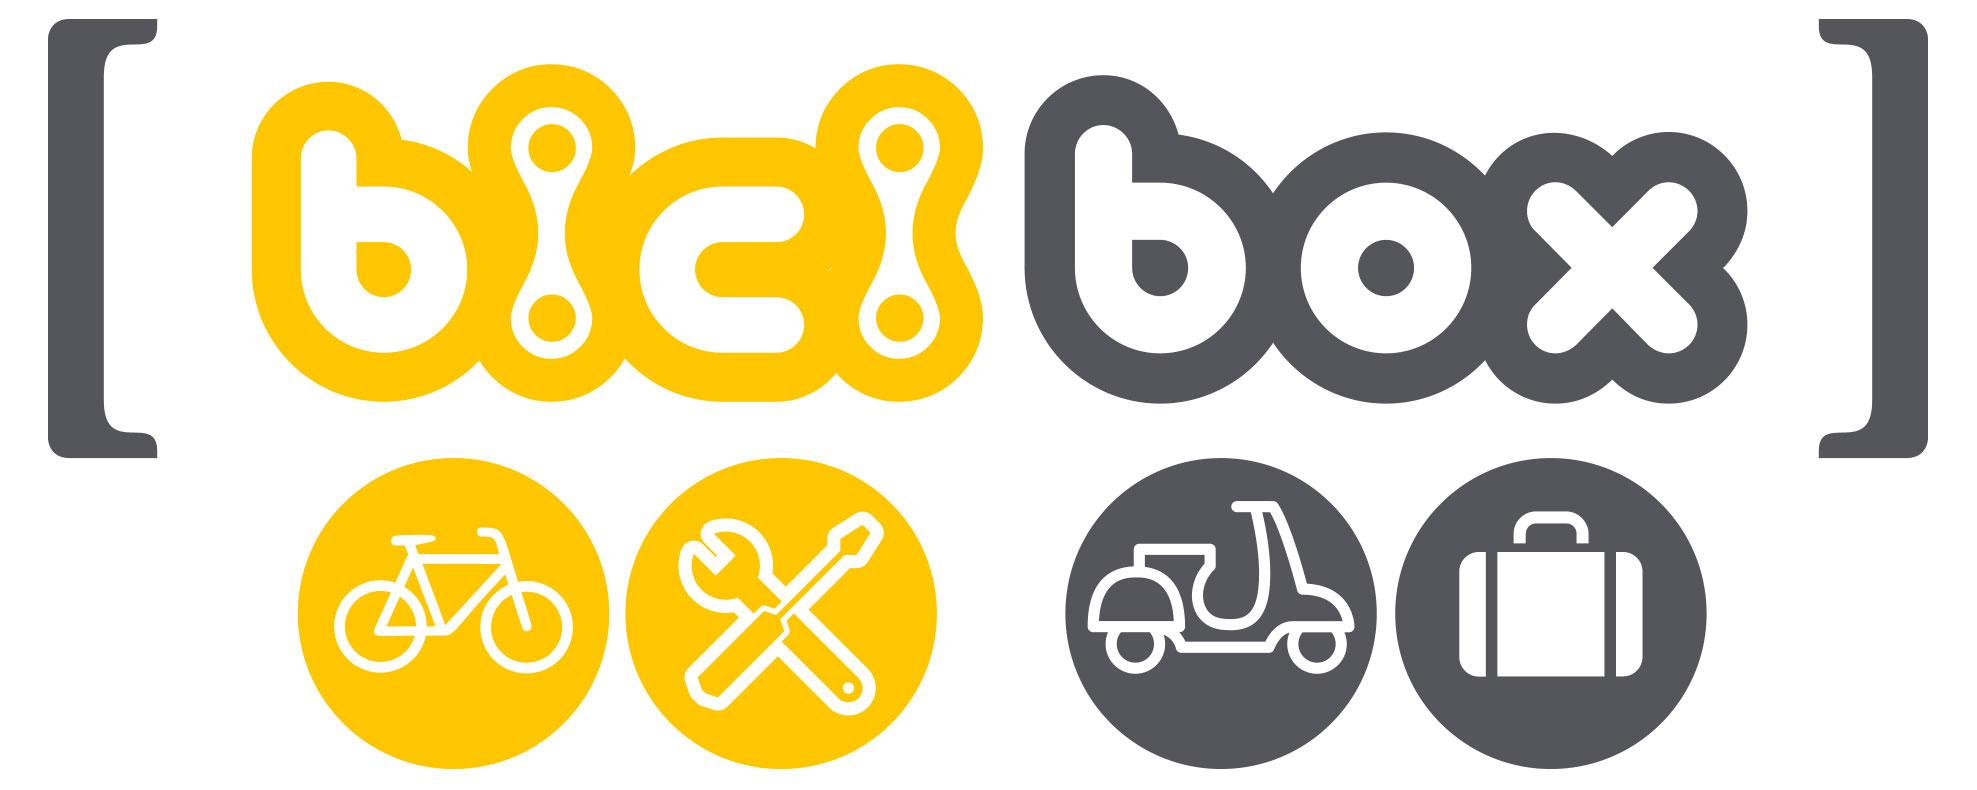 bicibox noleggio bici e deposito bagagli reggio emilia